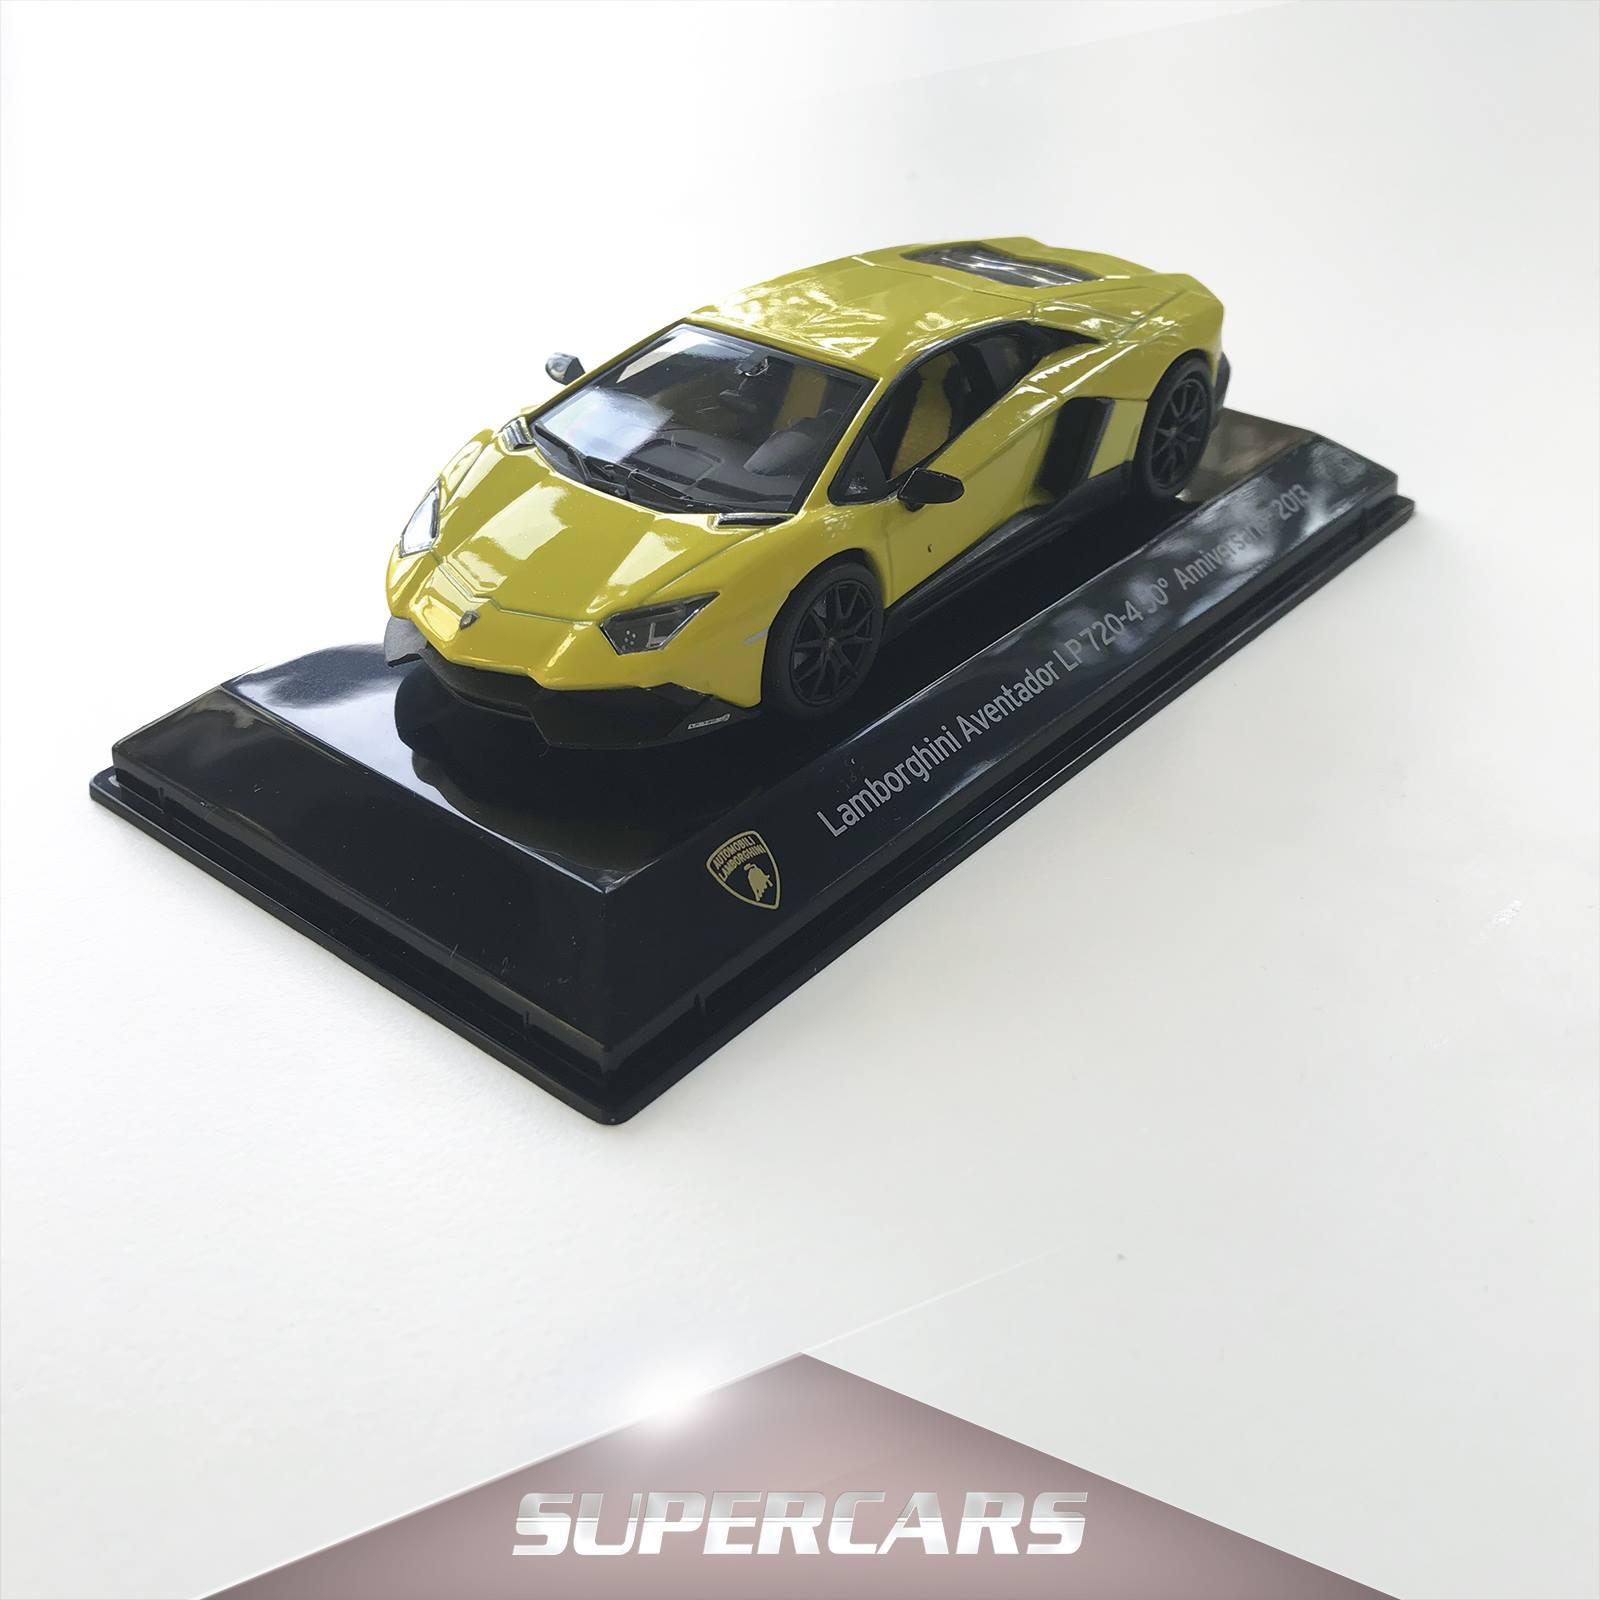 Supercars 1 43 Salvat En Mexico Actualizada Colecciones Cheveres